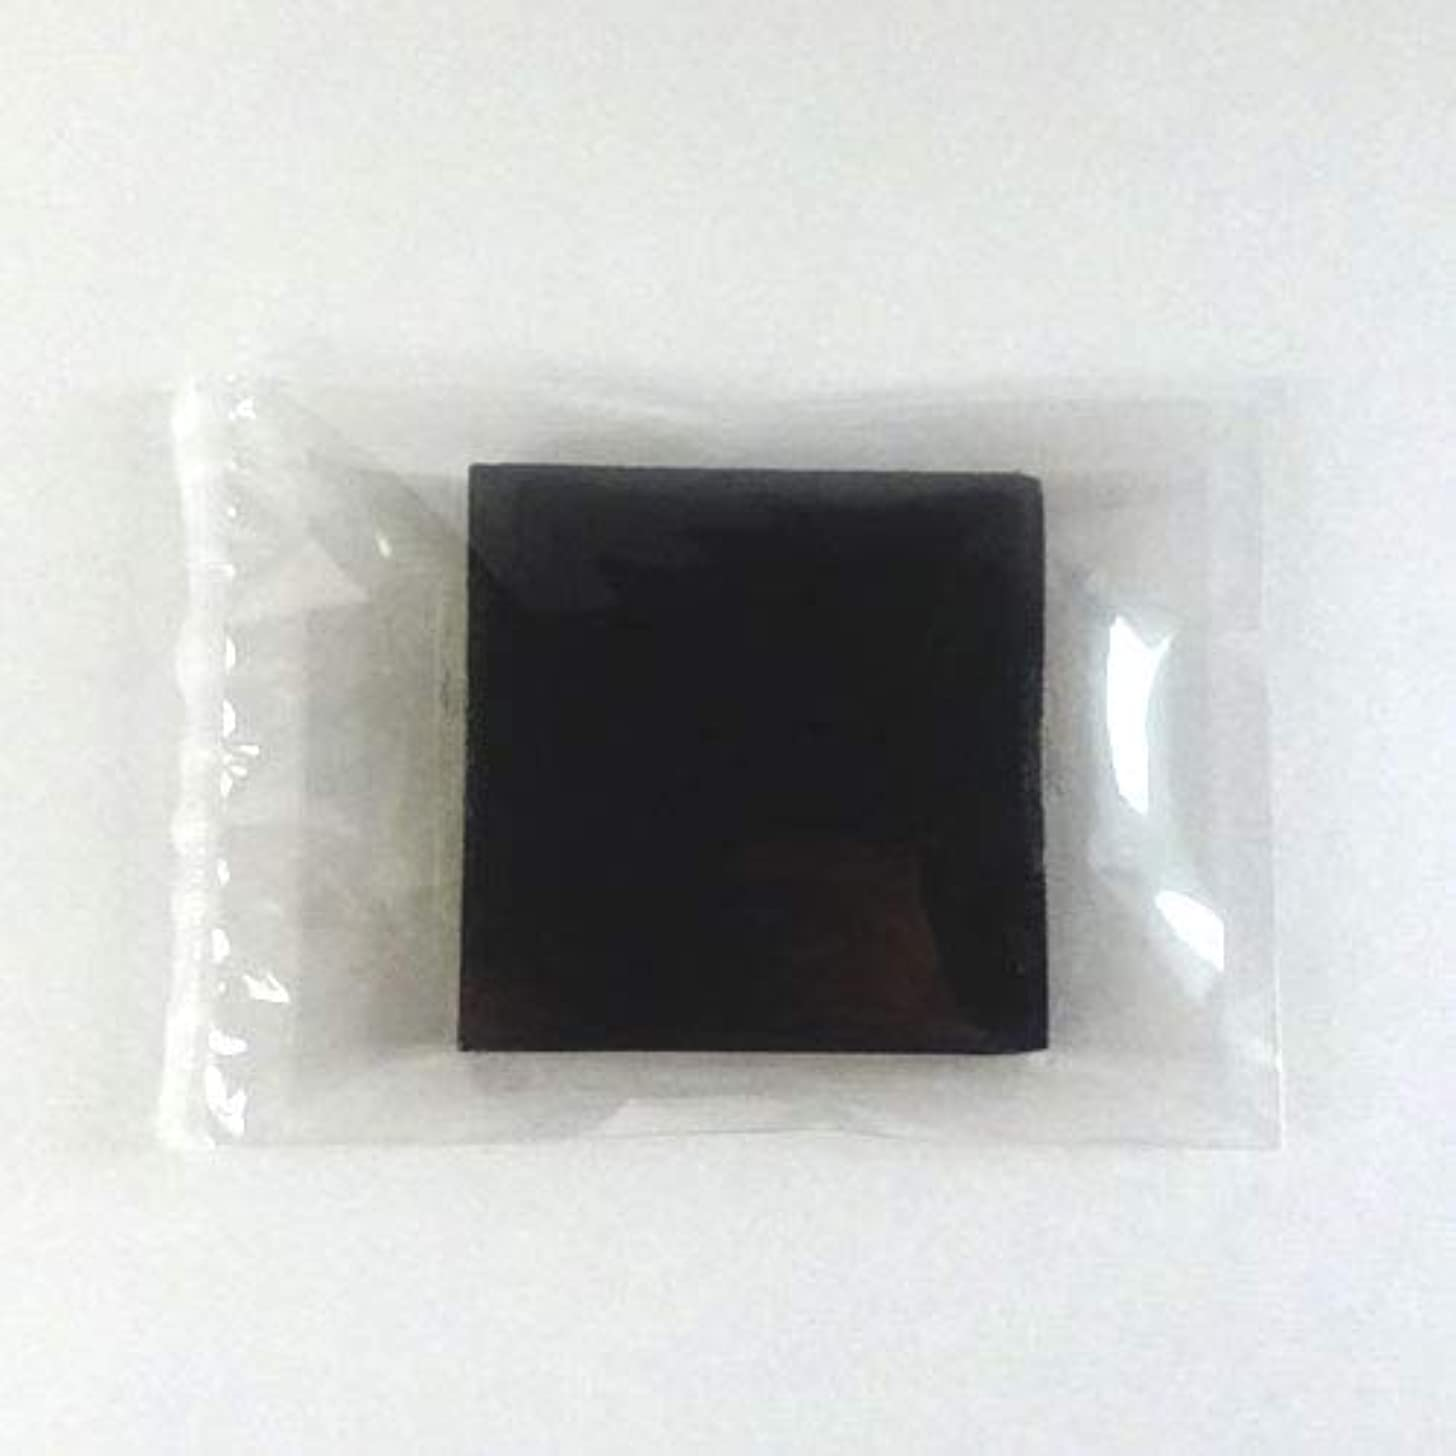 あえぎ結紮ニンニクグリセリンソープ MPソープ 色チップ 黒(ブラック) 120g(30g x 4pc)